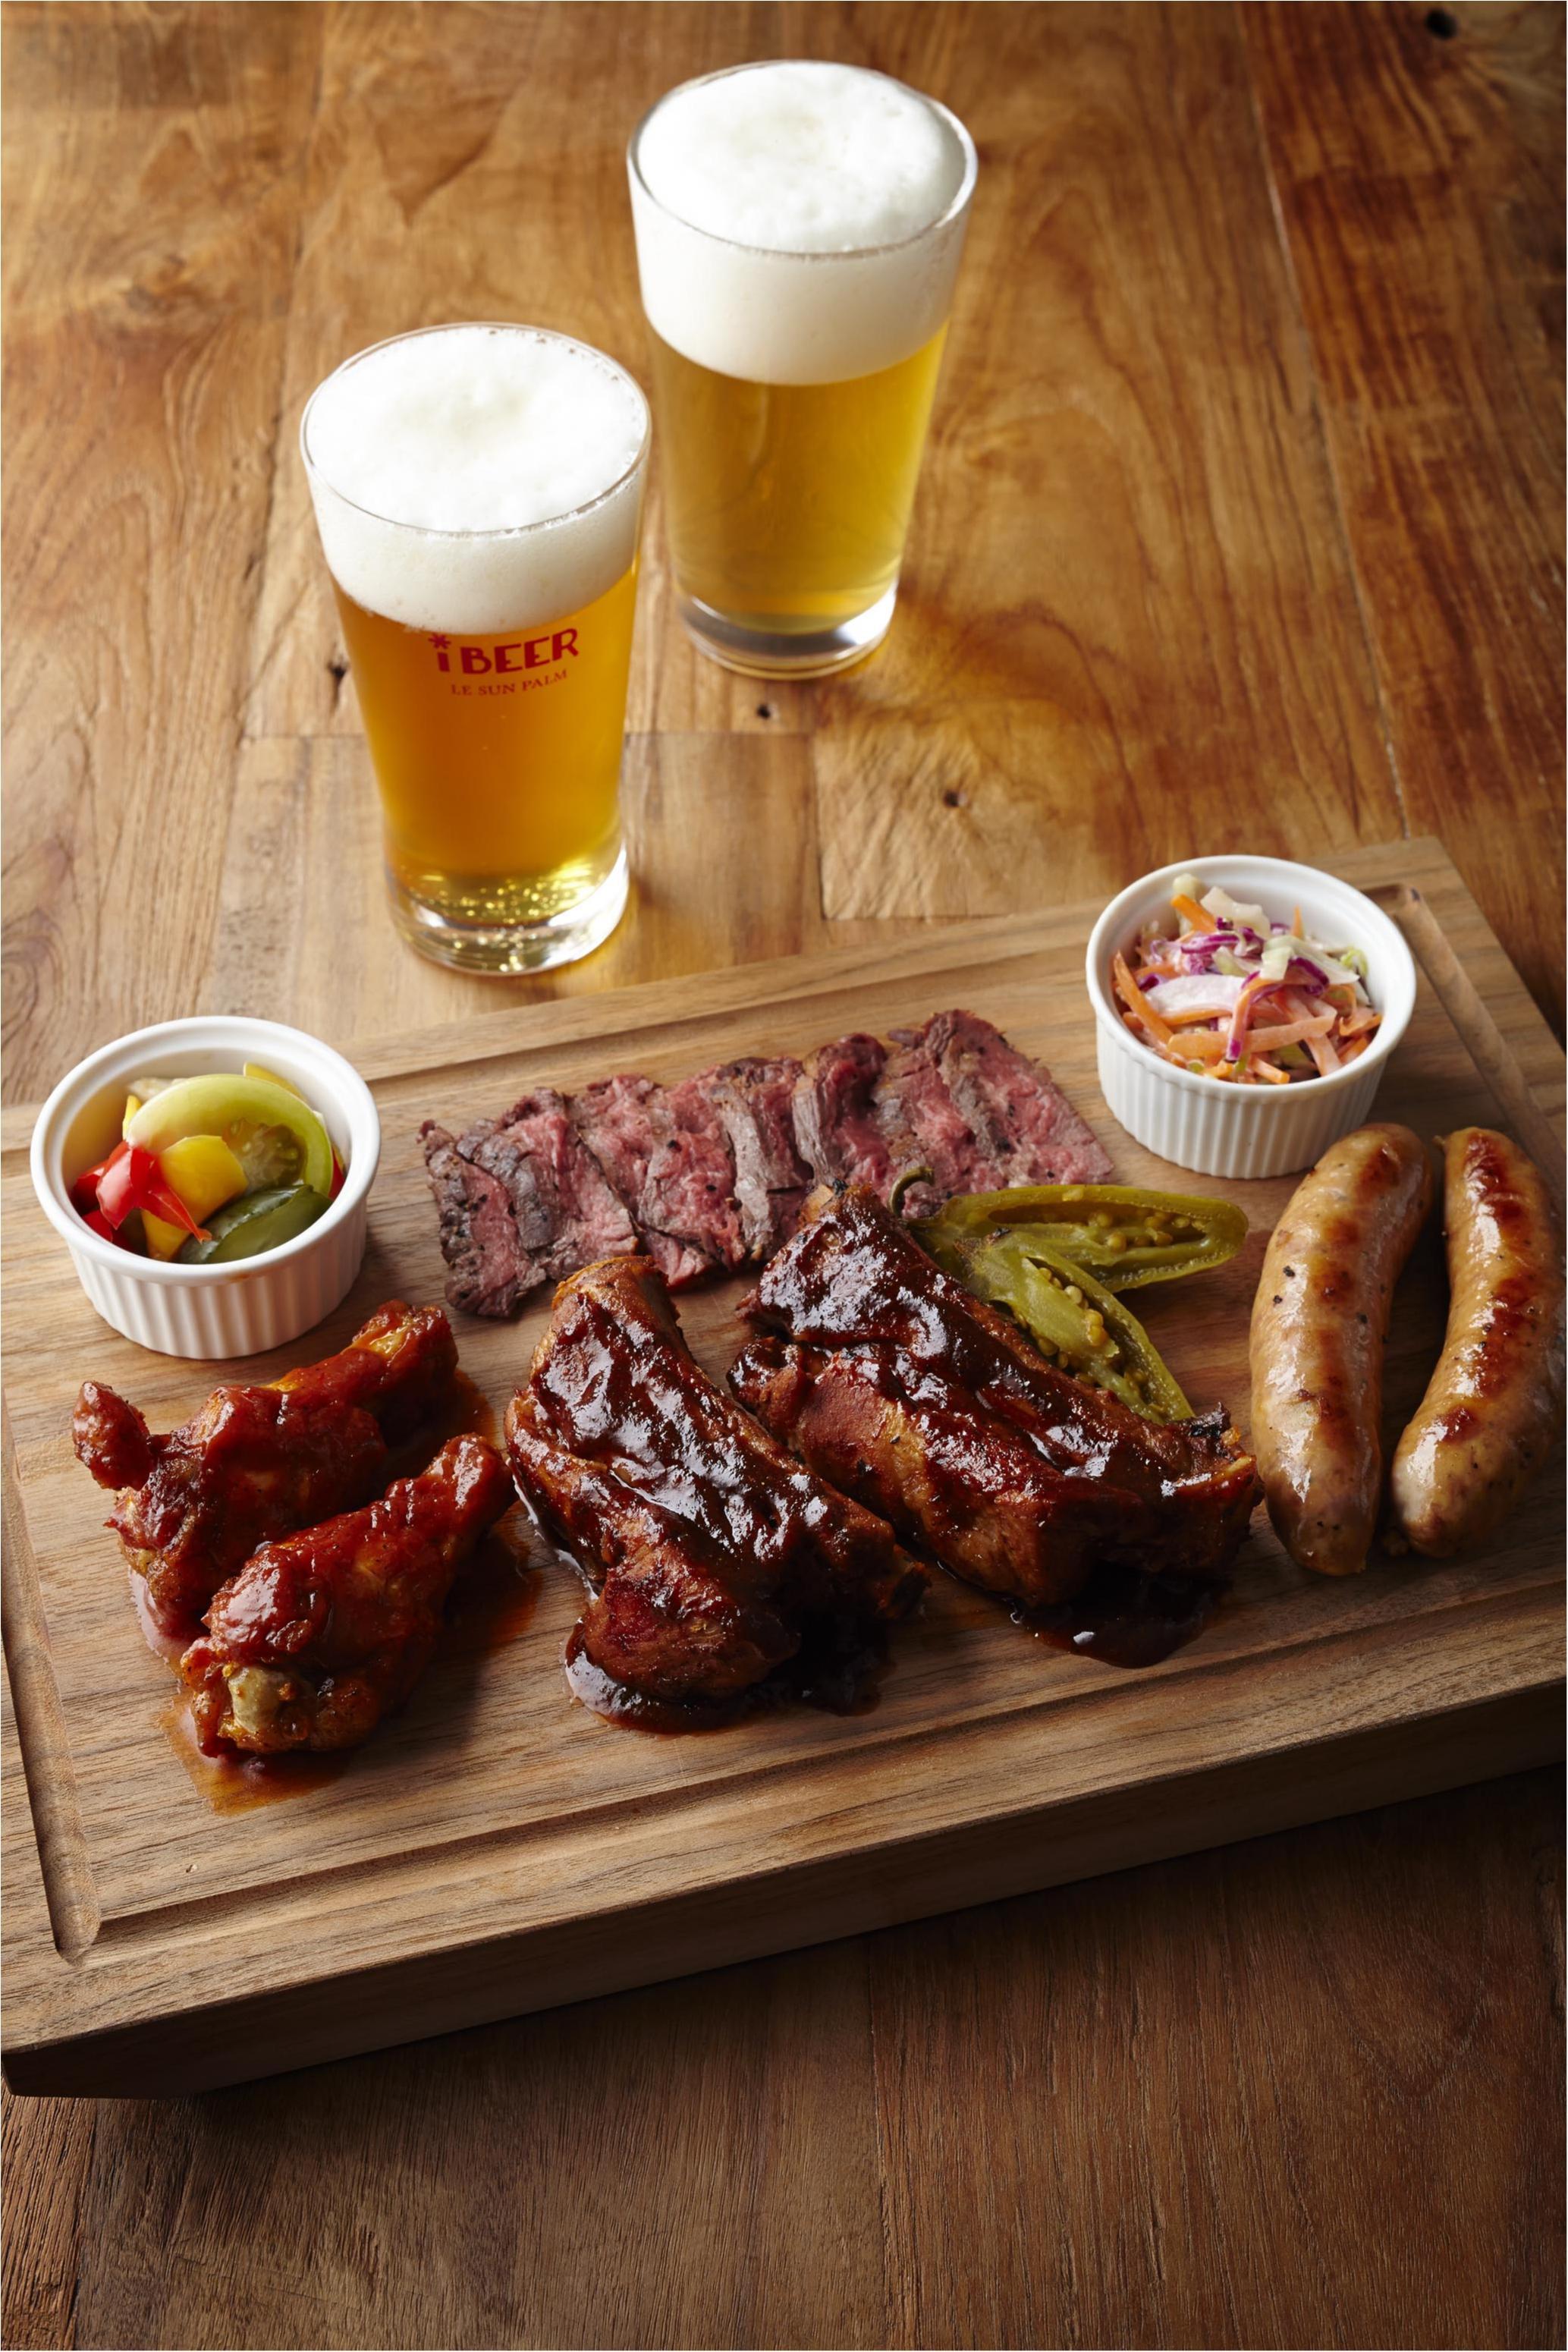 """クラフトビールには""""肉""""! 『アイビアー・ルサンパーム』で女子飲みしましょ♪_1"""